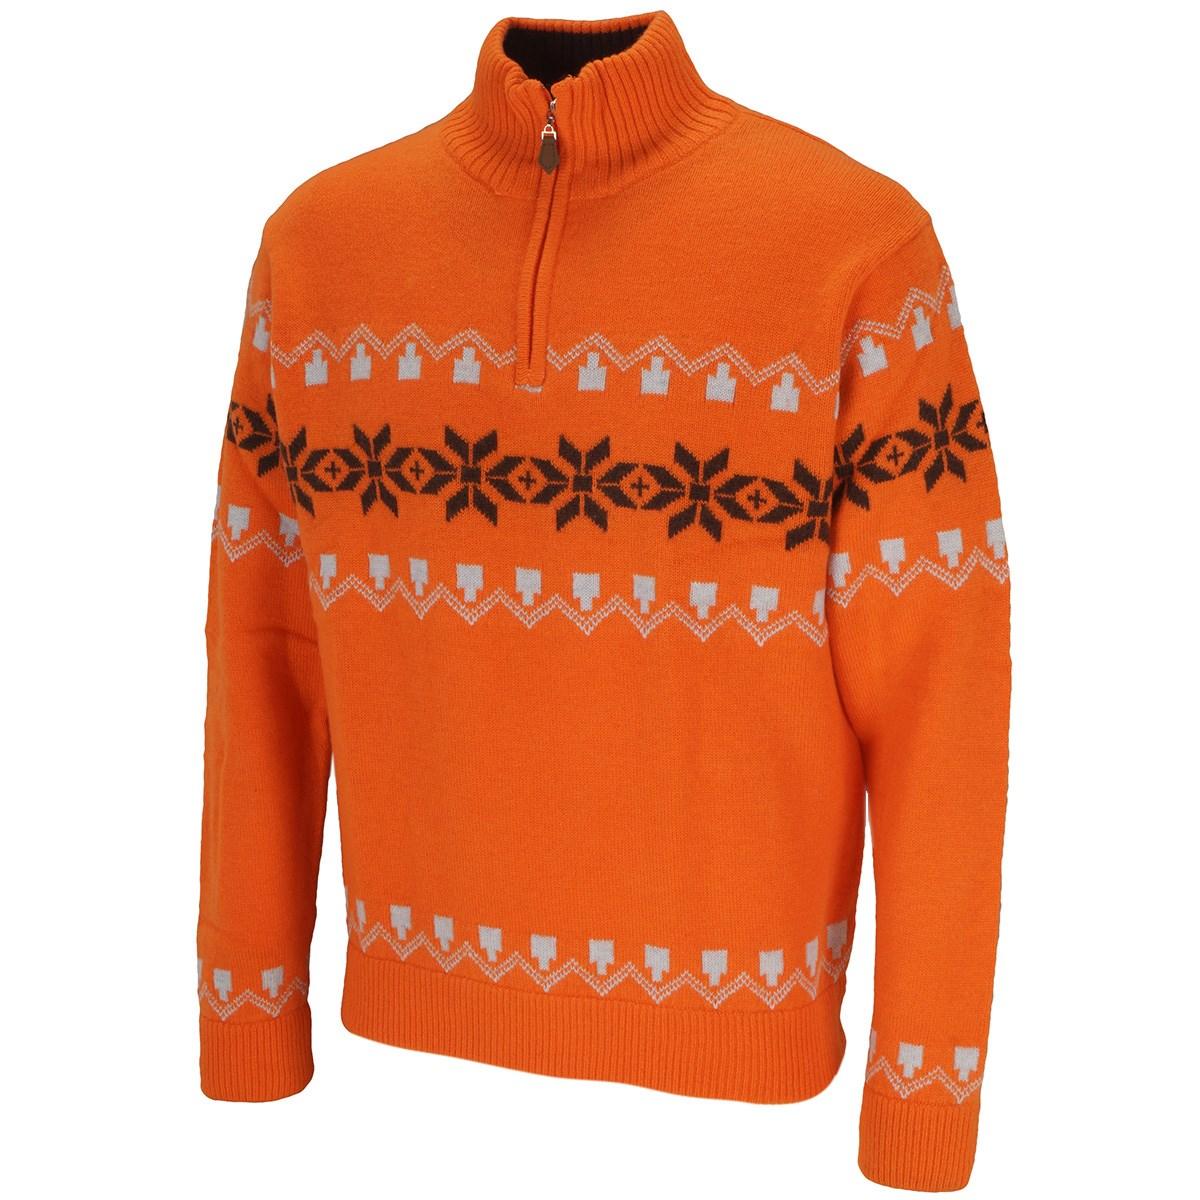 スタンリーブラッカー ストレッチ ジップアップ ノルディックセーター